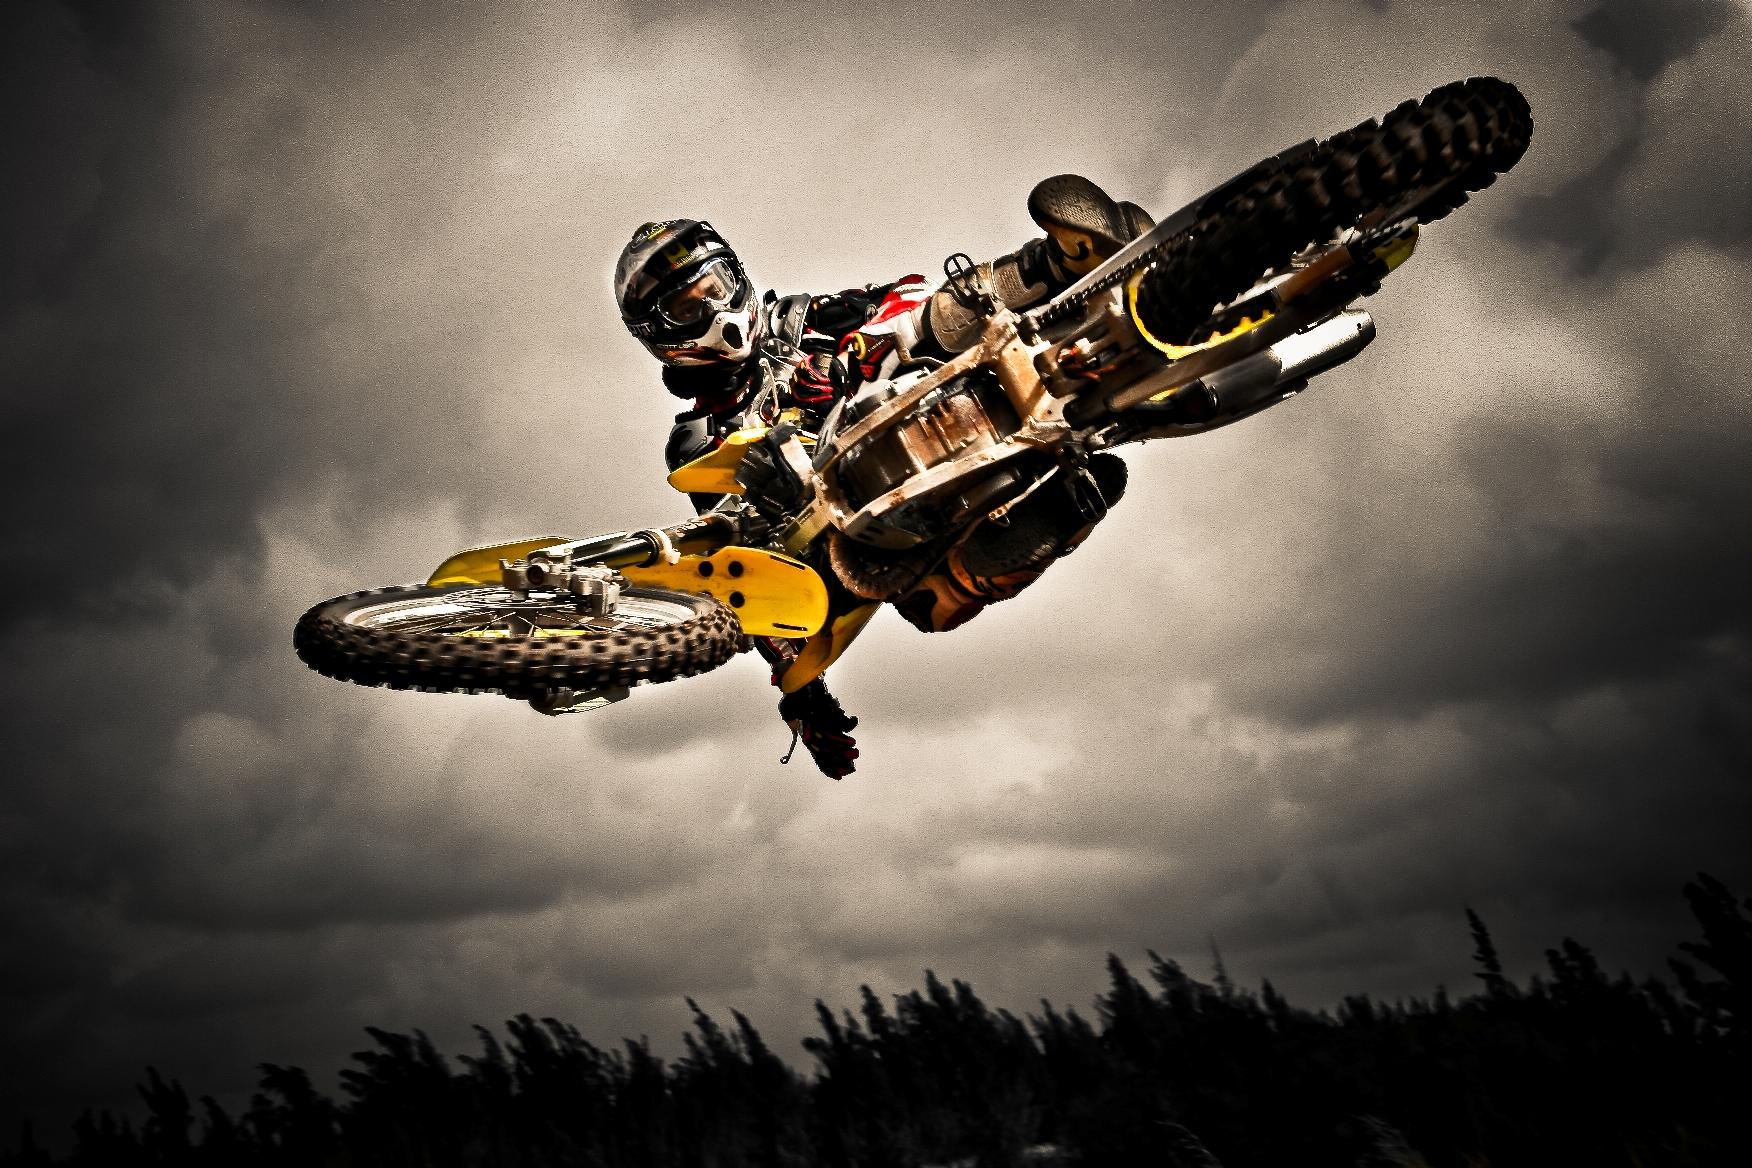 Dirt Bikes Hd Wallpapers: Cool Dirt Bike Wallpapers